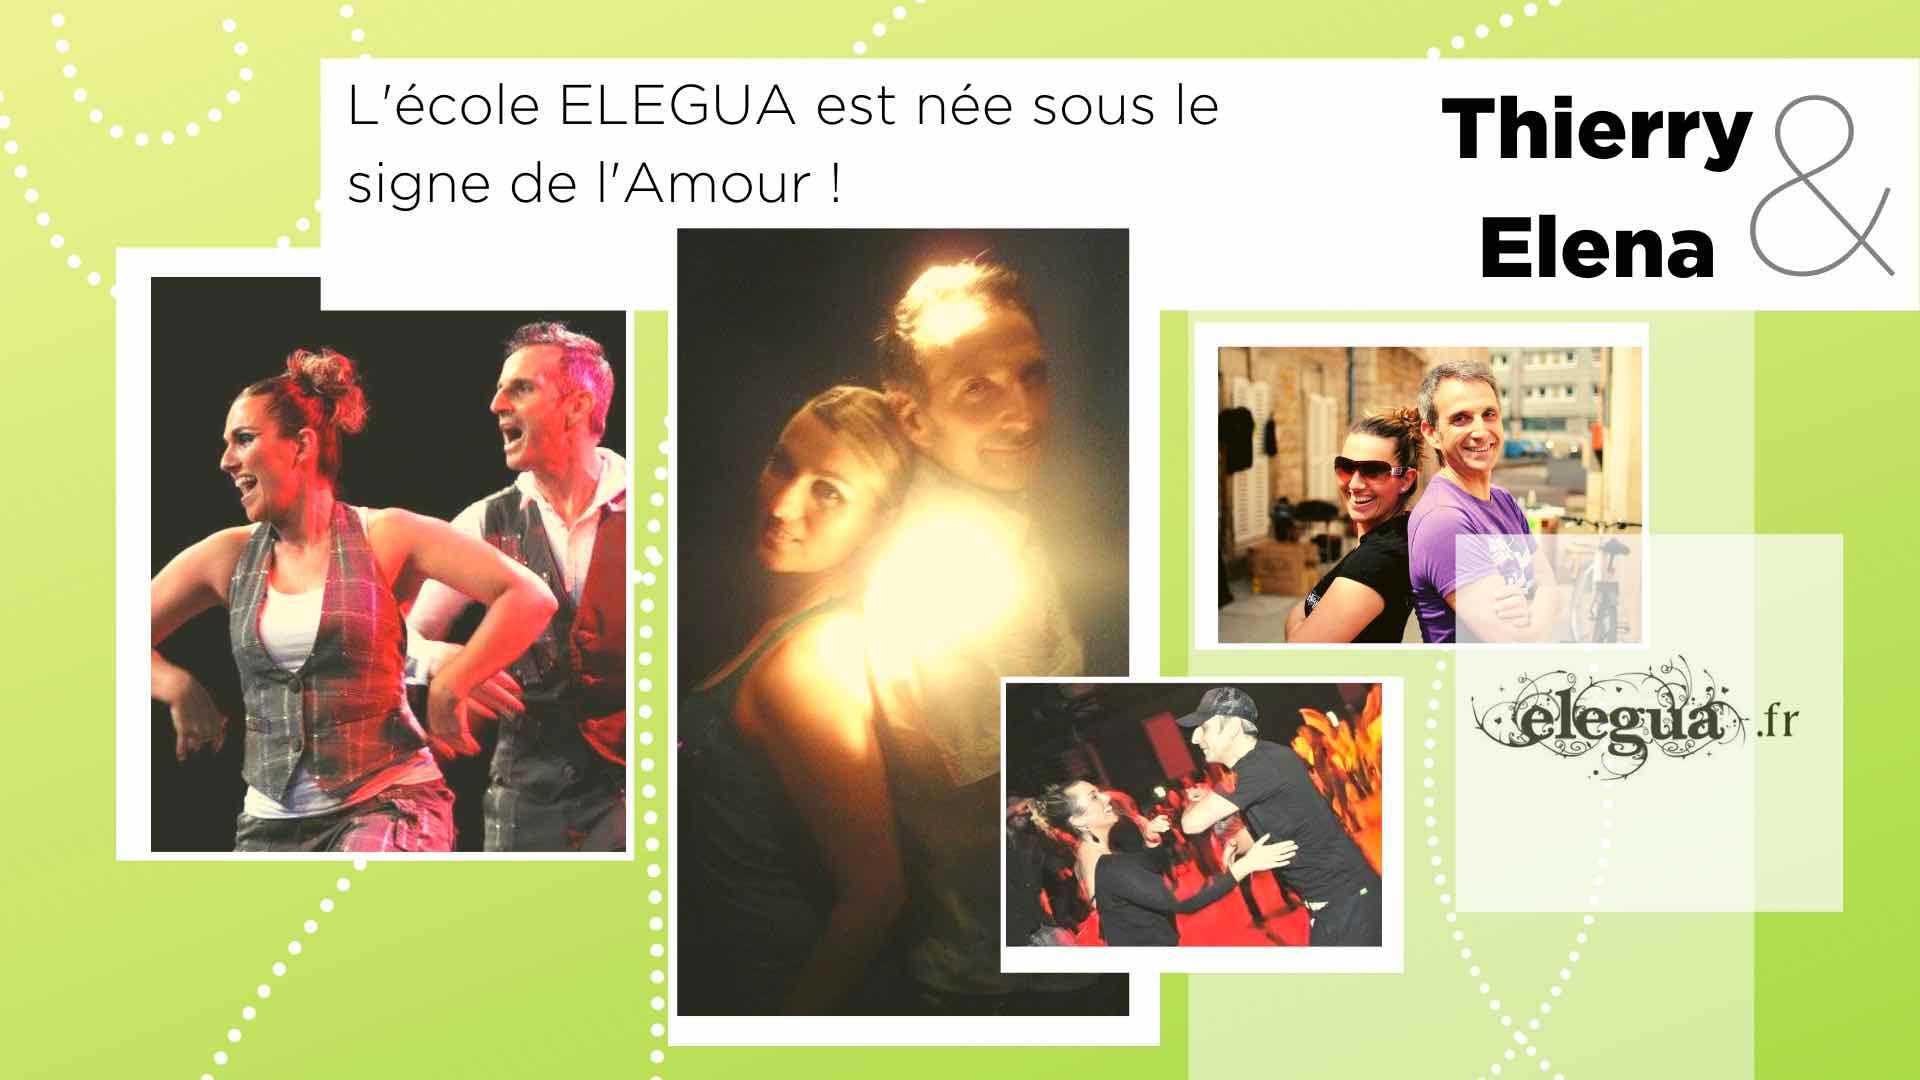 L'ecole Elegua est née sous le signe de l'amour : Elena et Thierry elegua